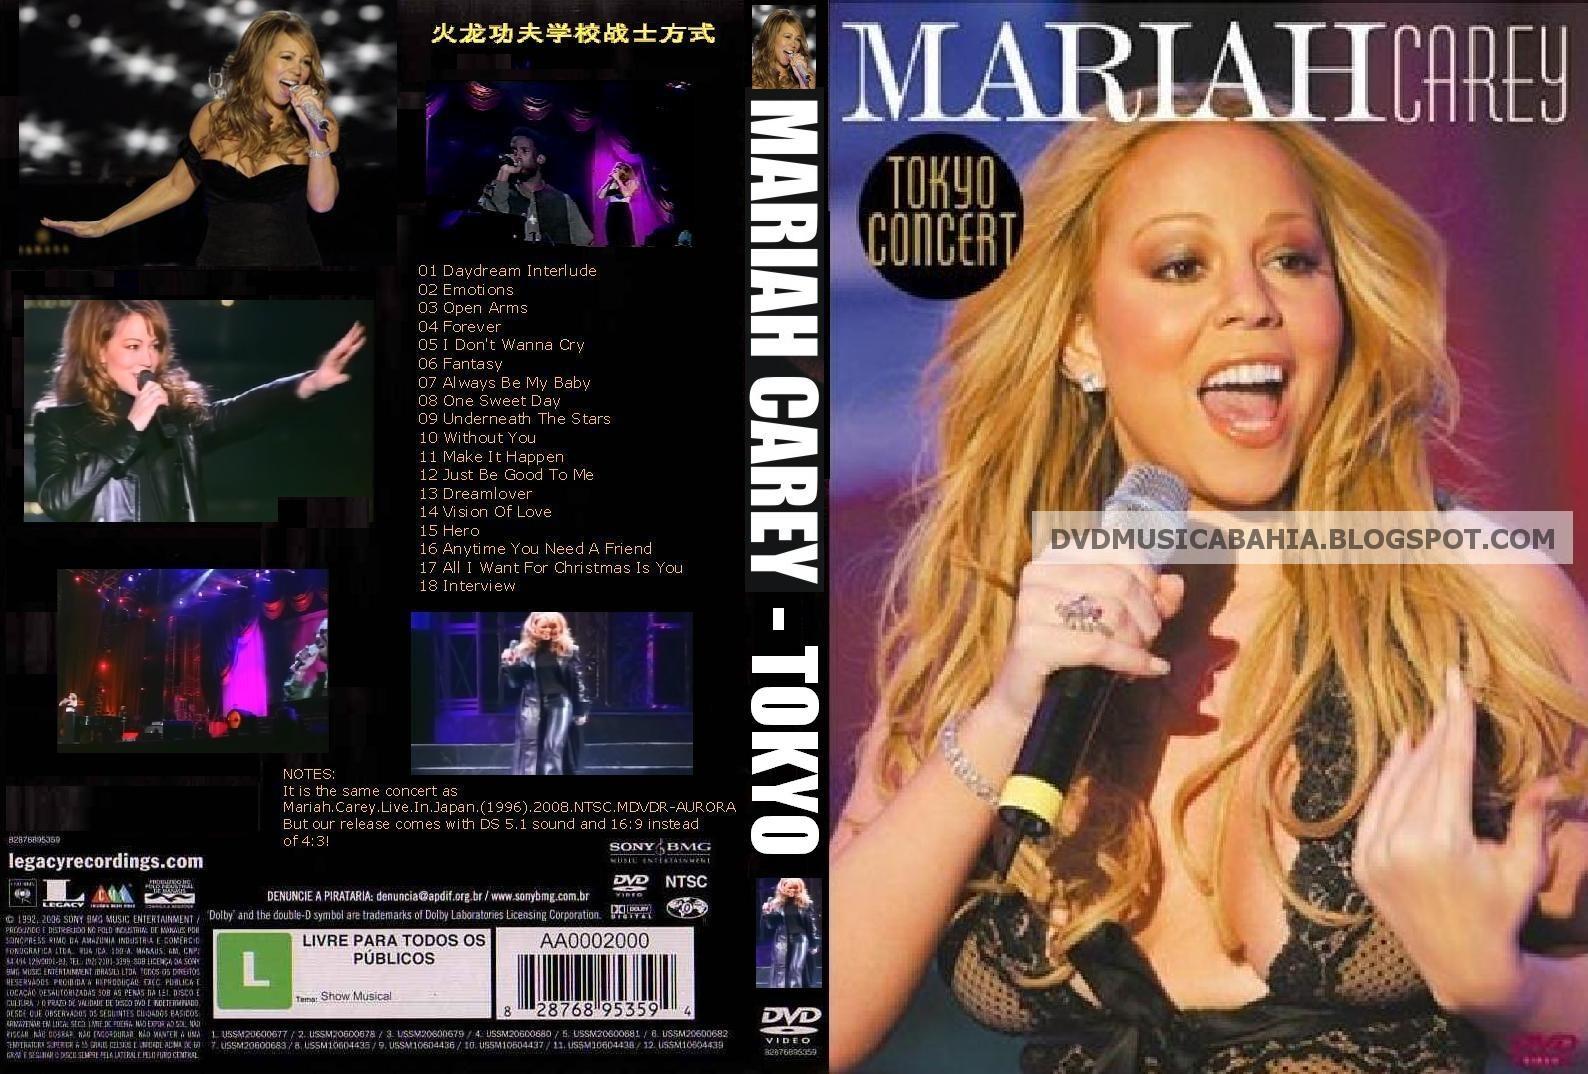 http://1.bp.blogspot.com/-Eq7dzwOduWw/ThdF1UURkVI/AAAAAAAABqg/42rdHj5REfQ/s1600/Mariah+Carey+-+Live+in+Tokyo.jpg